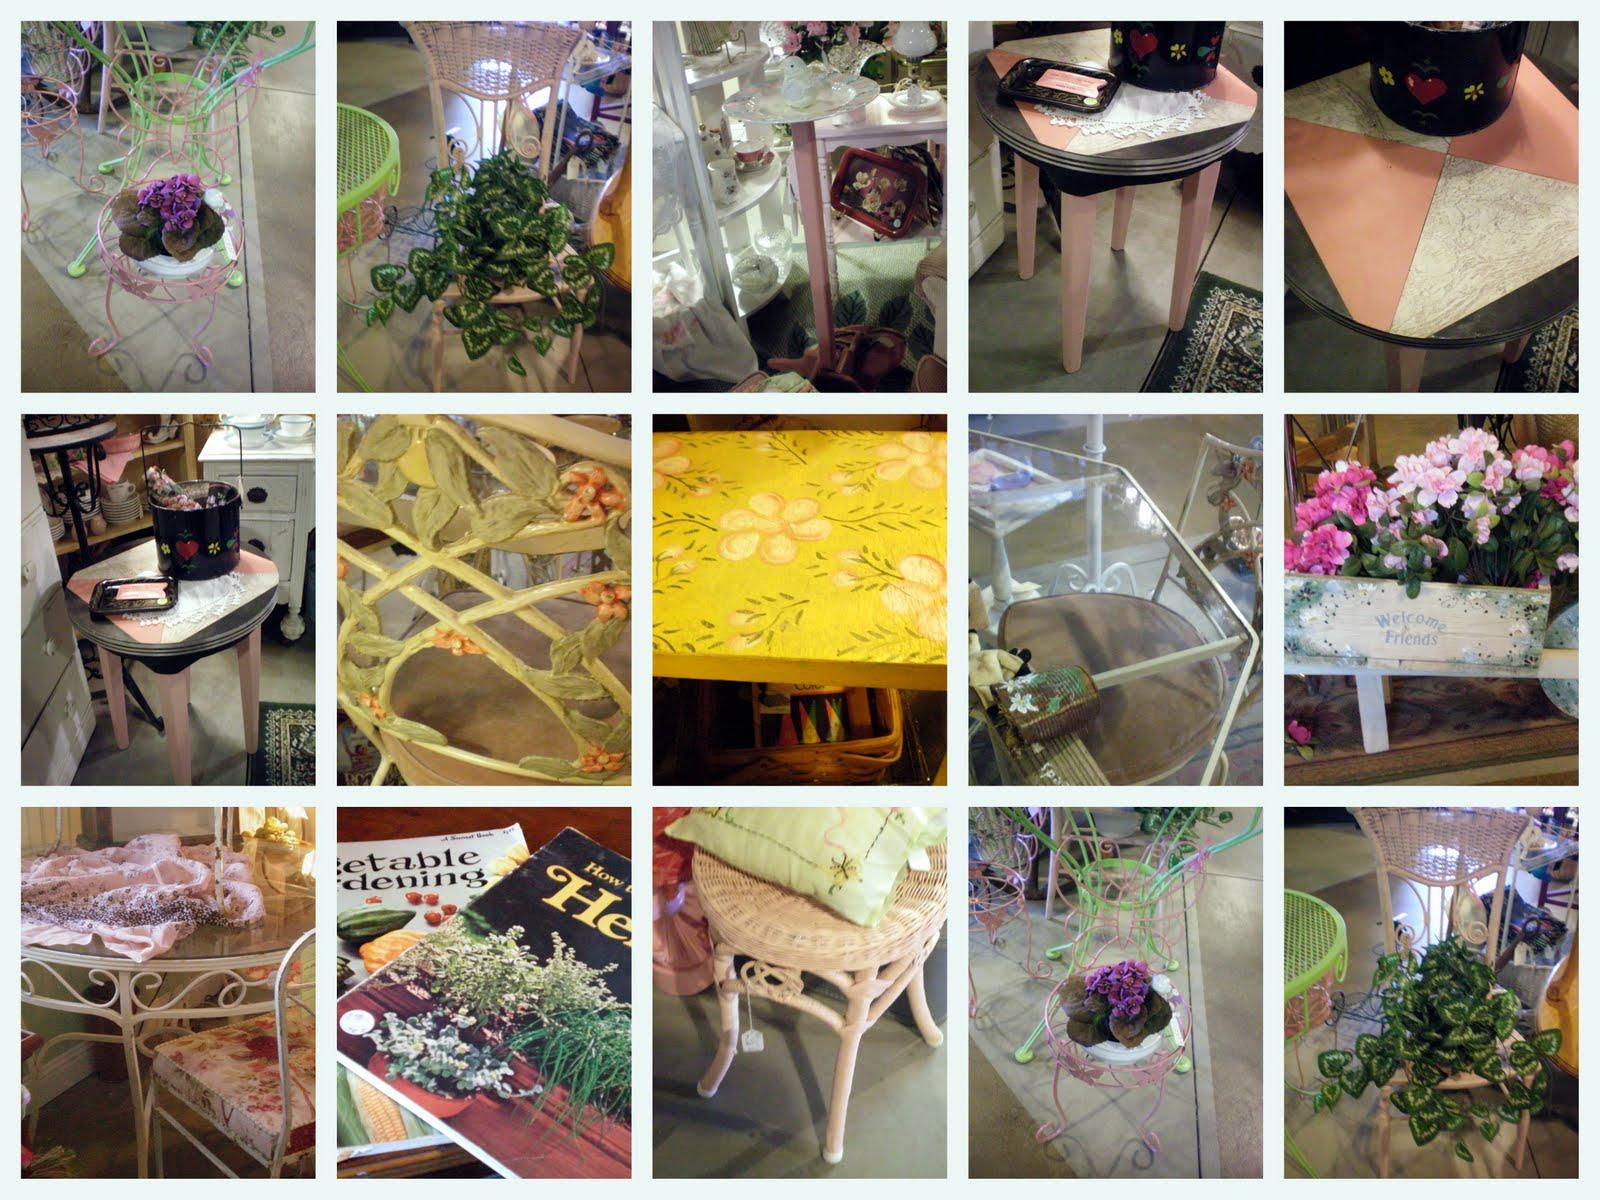 http://3.bp.blogspot.com/-SPtuBXbu3yU/TauG5FigeeI/AAAAAAAAAg4/Hktl-h3l61M/s1600/Pink+Garden+Accessories.jpg